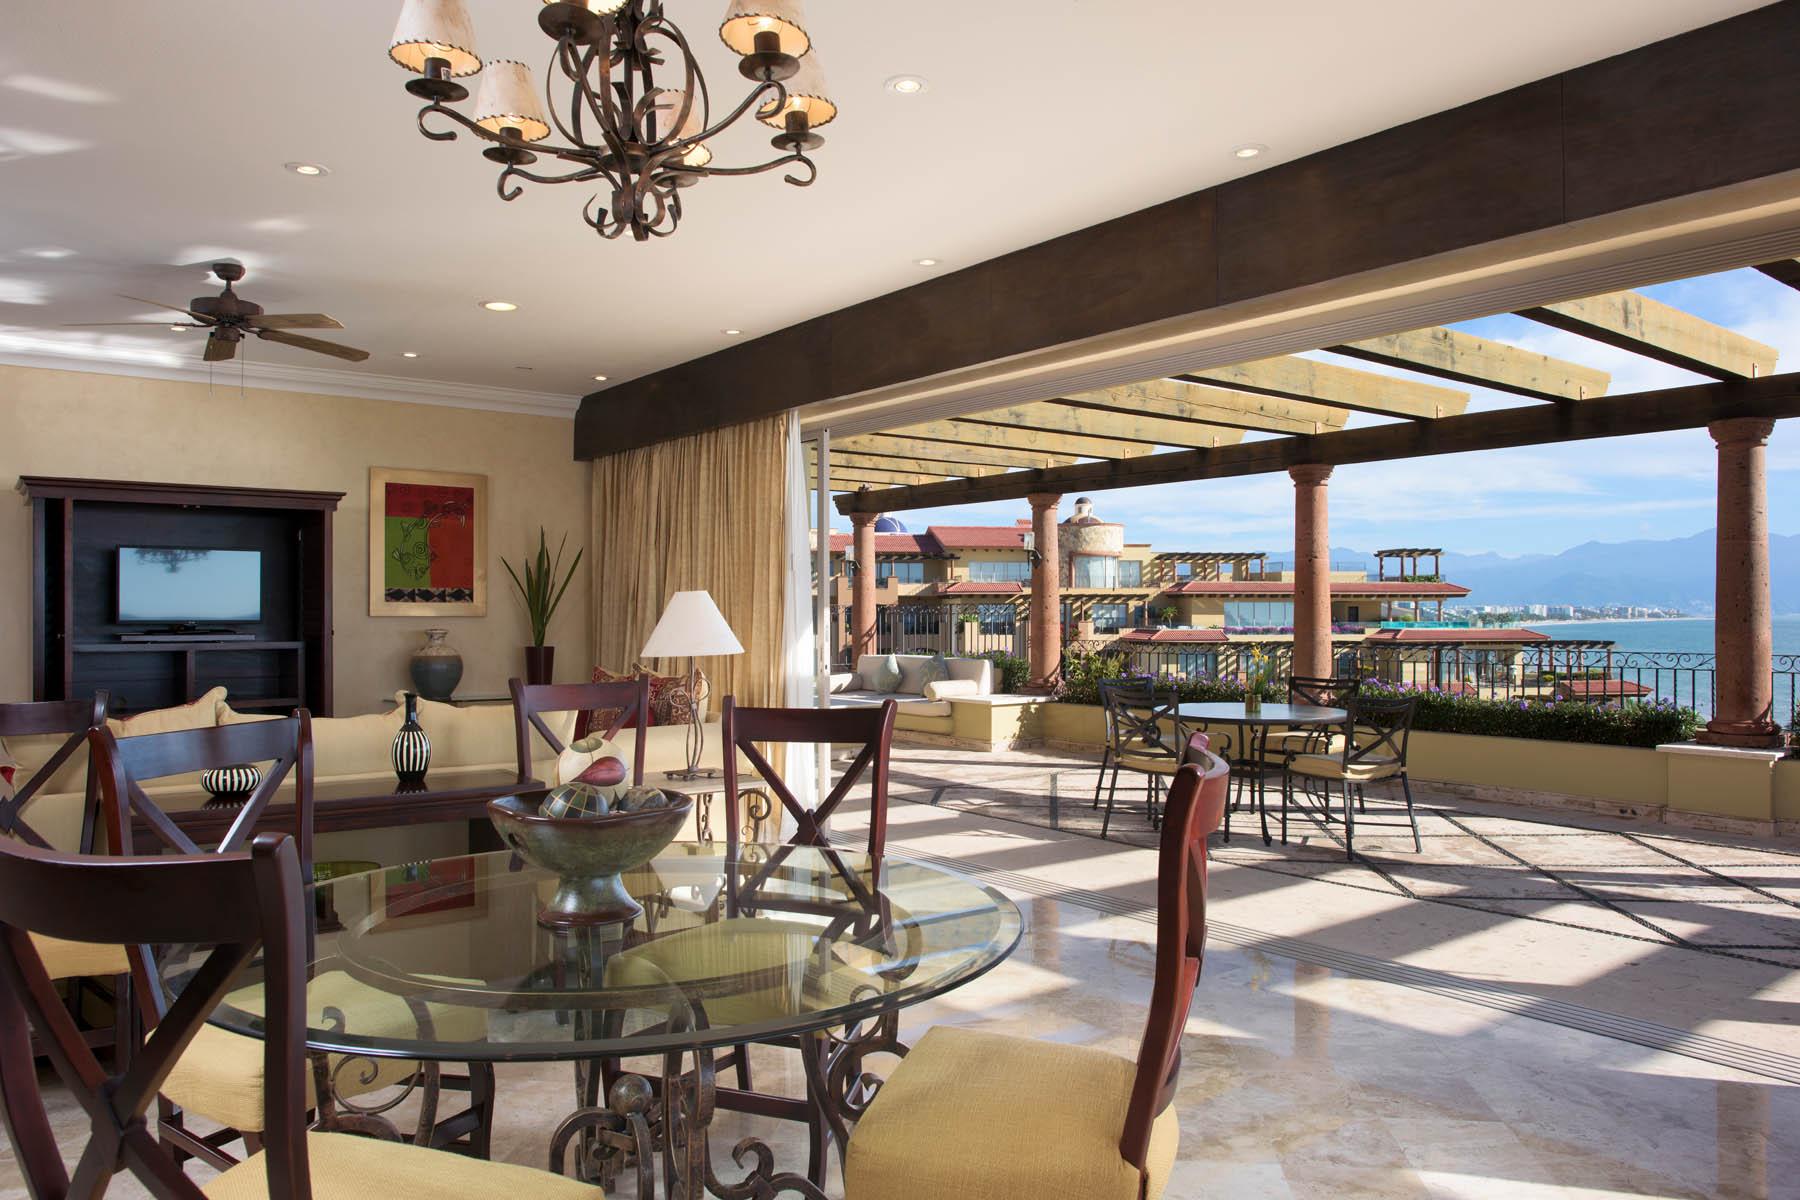 Villa la estancia riviera nayarit presidential three bedroom suite 3